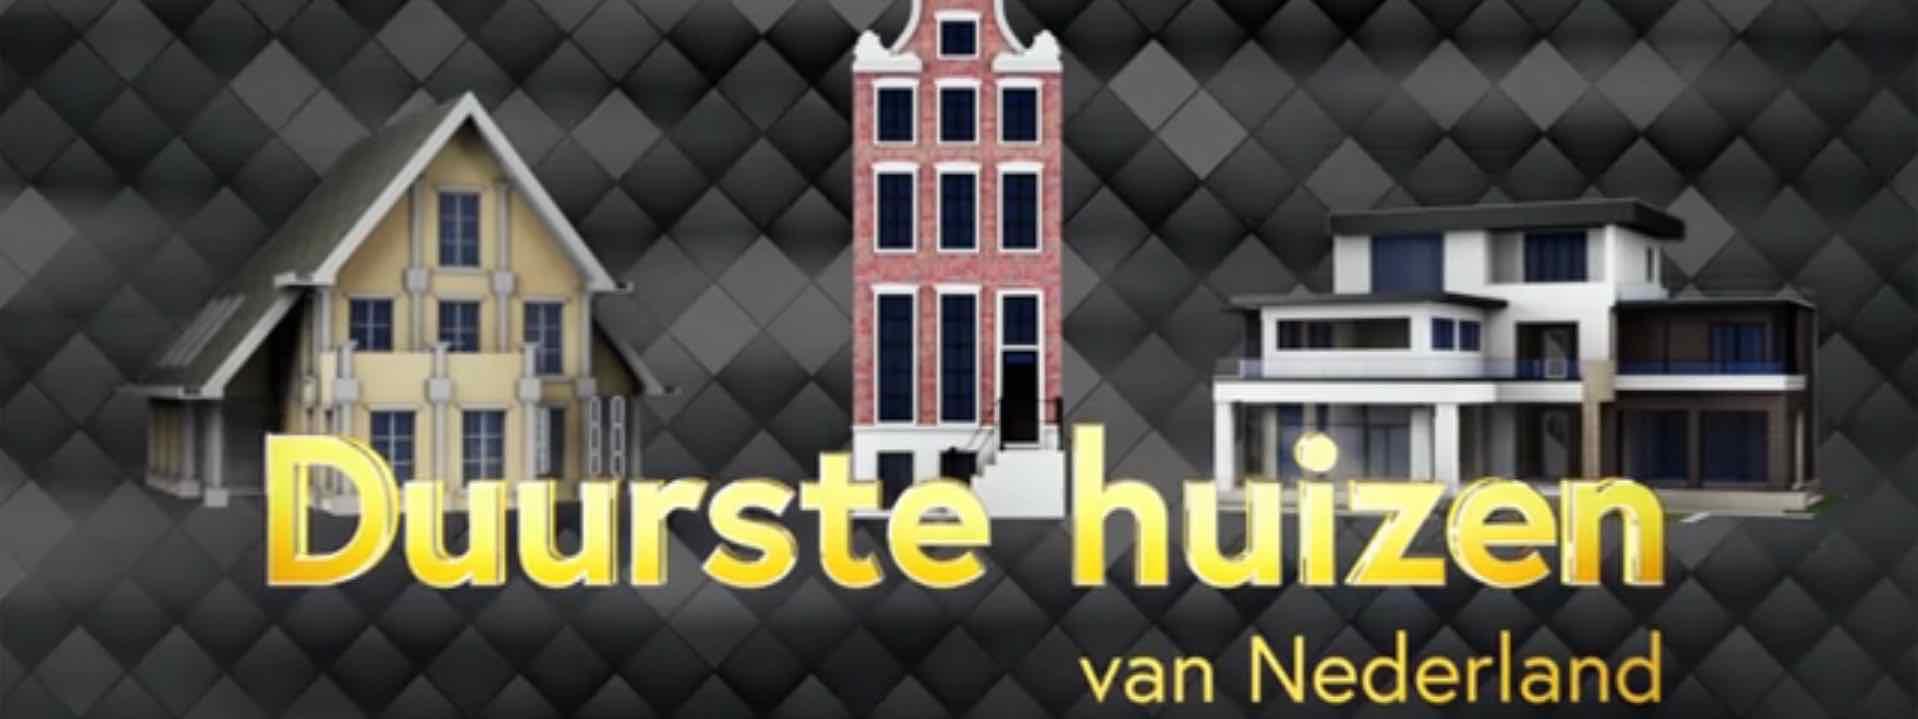 Duurste Huizen van Nederland Telegraaf VNDG Sotheby's International Realty